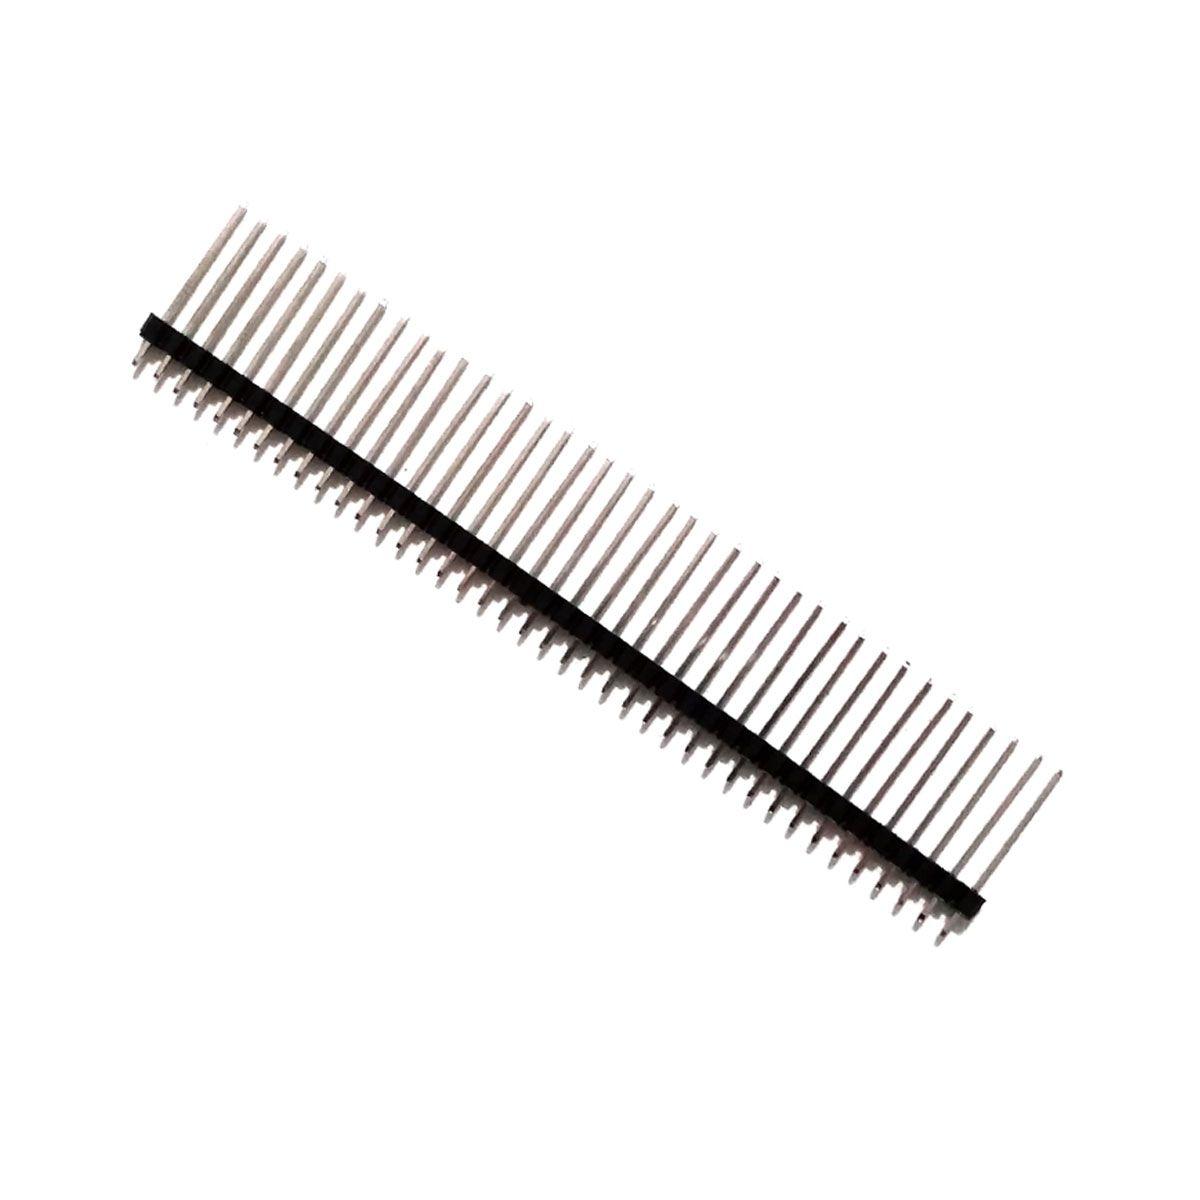 5x Barra de Pinos com 40 Pin Head Macho Grande 1x40x20 - Total de 200 Pin Header 2.54